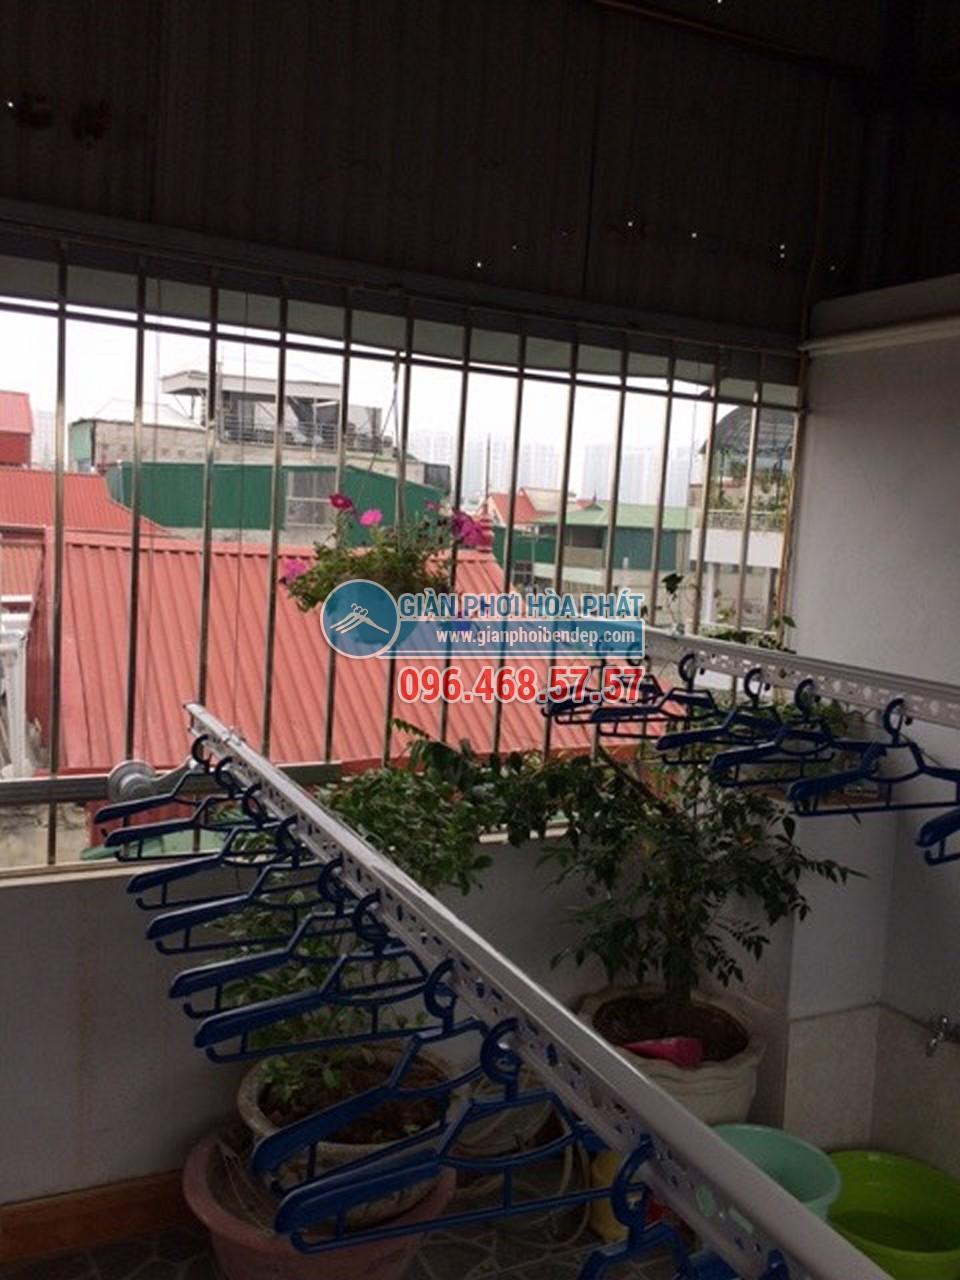 Sân phơi đẹp hiện đại nhờ lắp đặt giàn phơi thông minh nhà chị Hiền, ngõ 103 Thanh Nhàn - 07